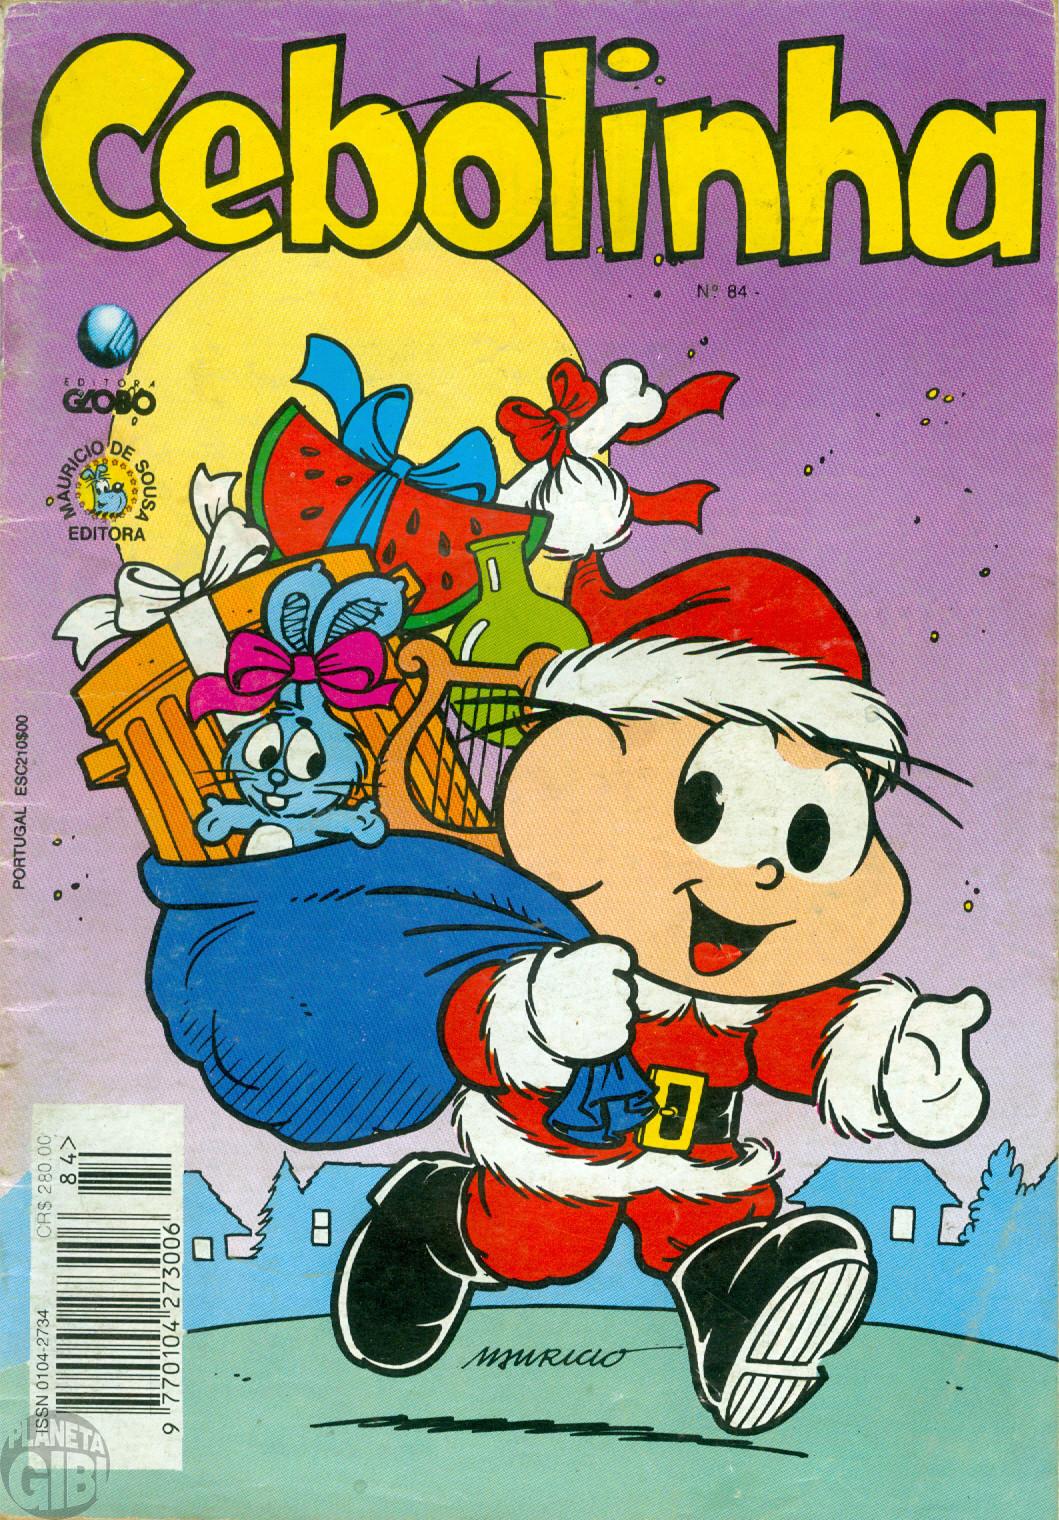 Cebolinha [2ª série - Globo] nº 084 dez/1993 - Edição de Natal